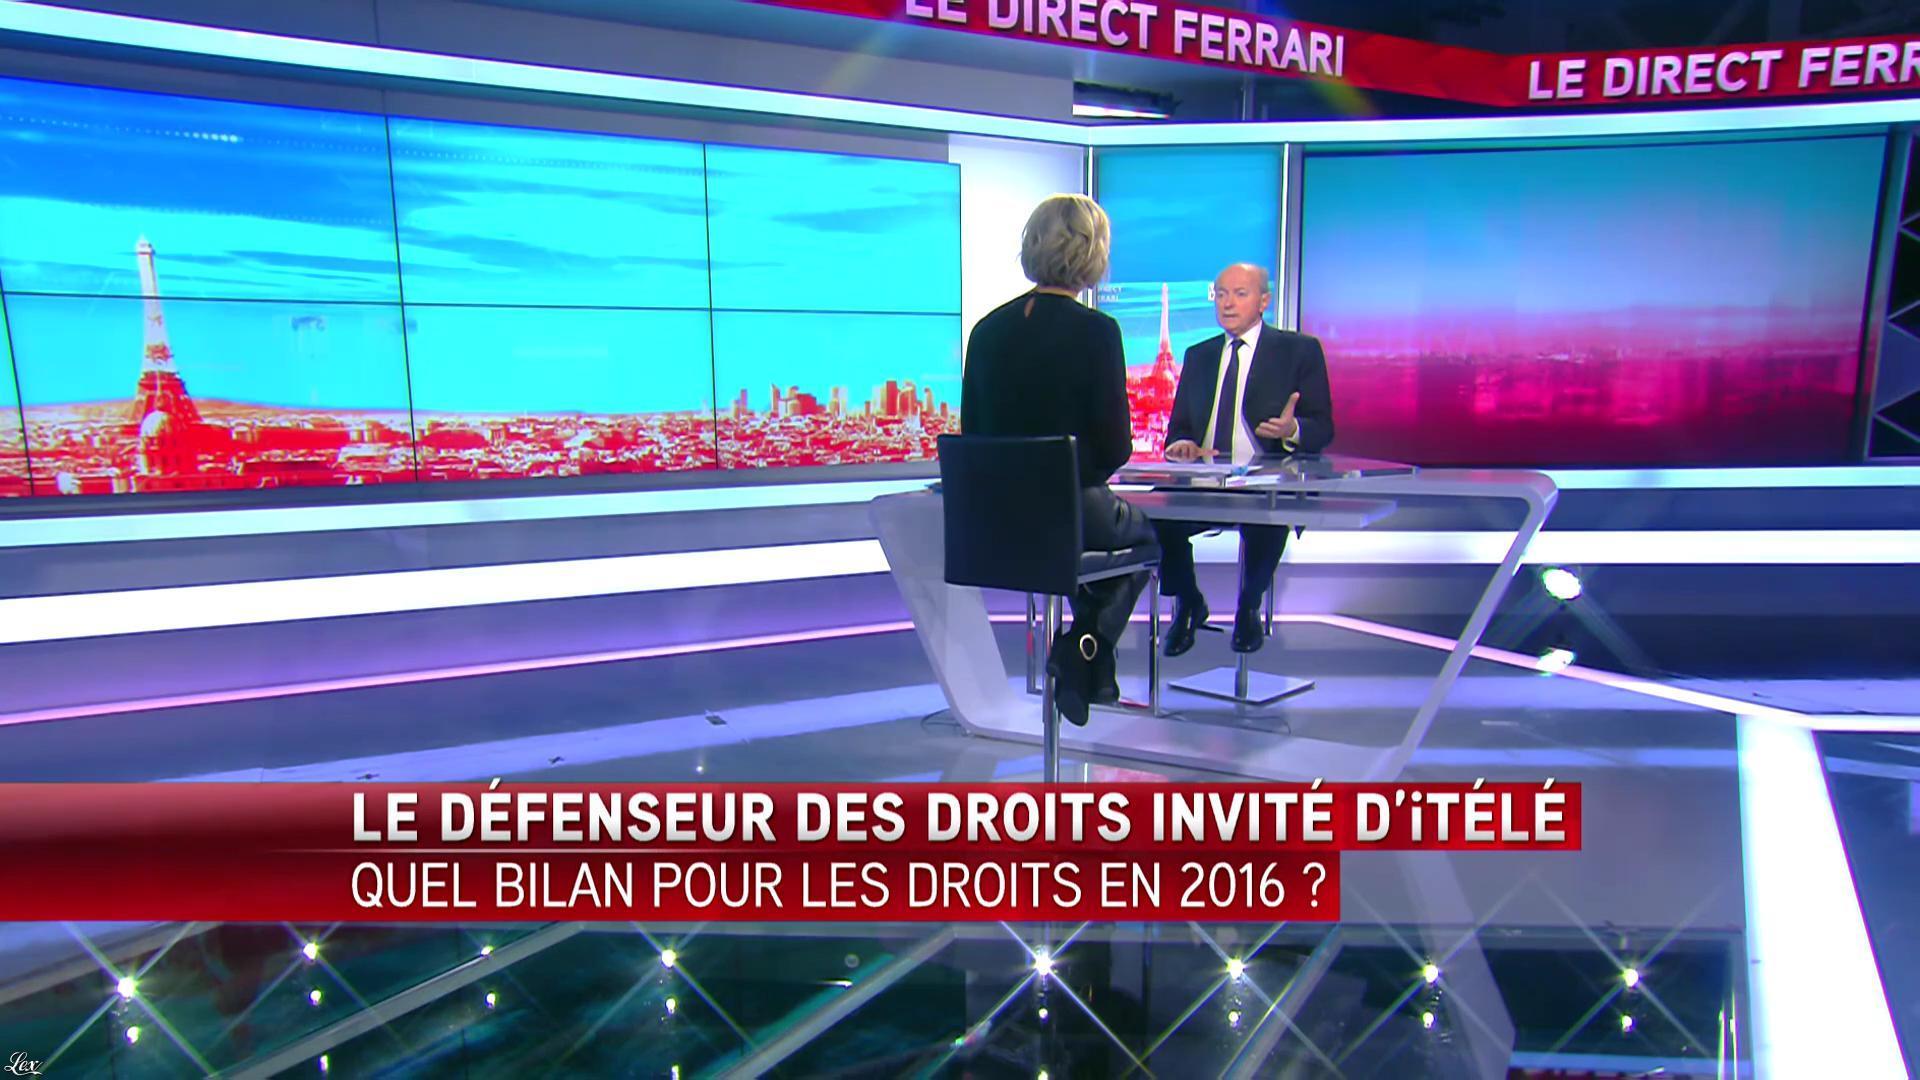 Laurence Ferrari dans le Direct Ferrari. Diffusé à la télévision le 23/02/17.